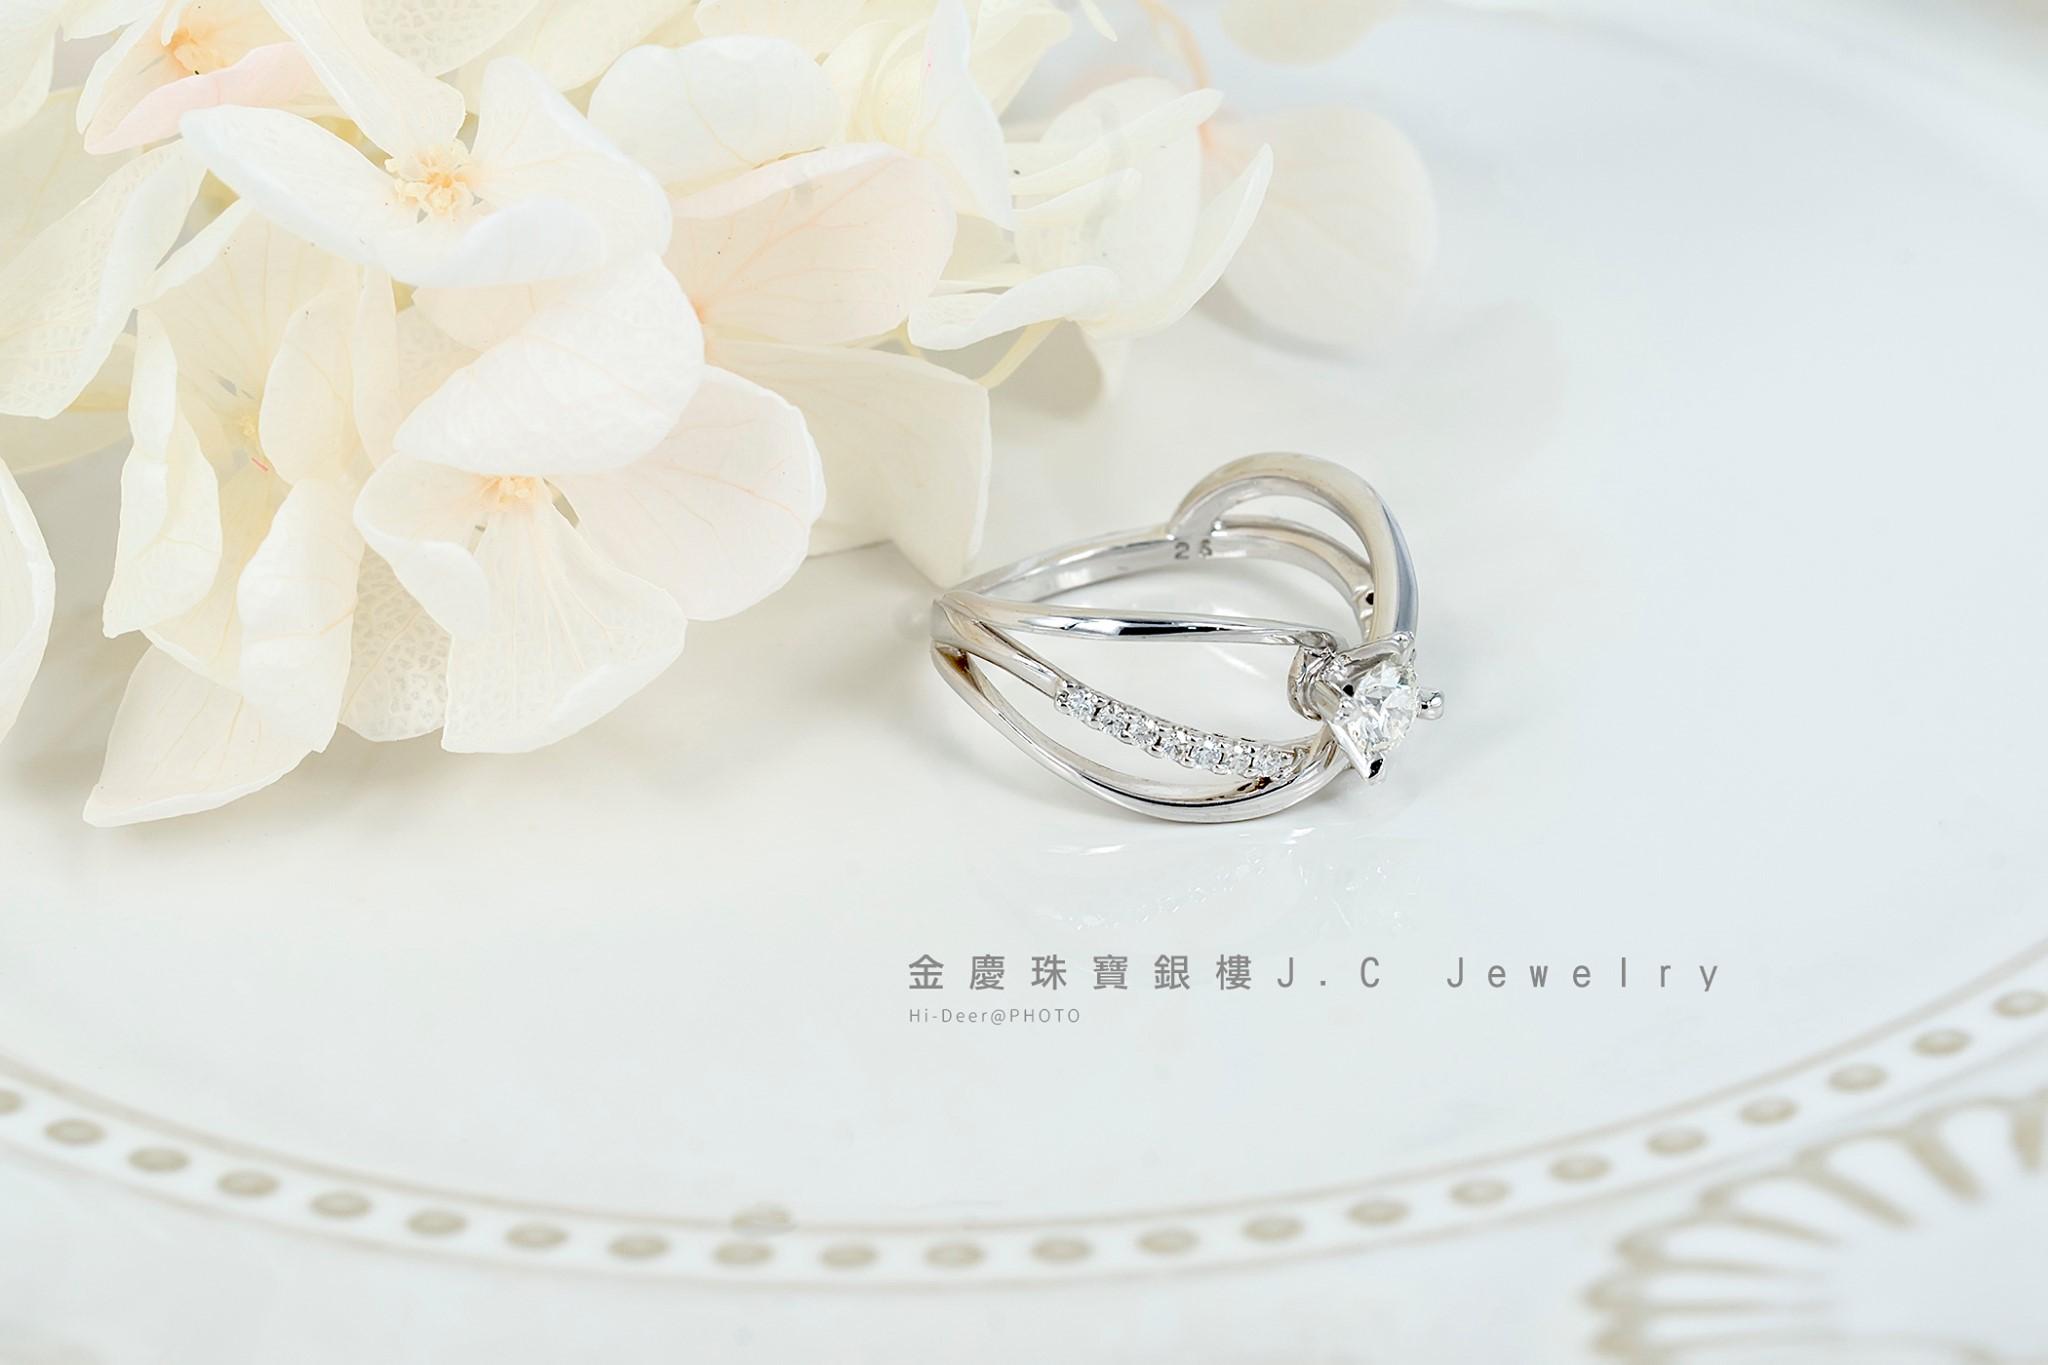 - 金慶珠寶銀樓 作品瀏覽